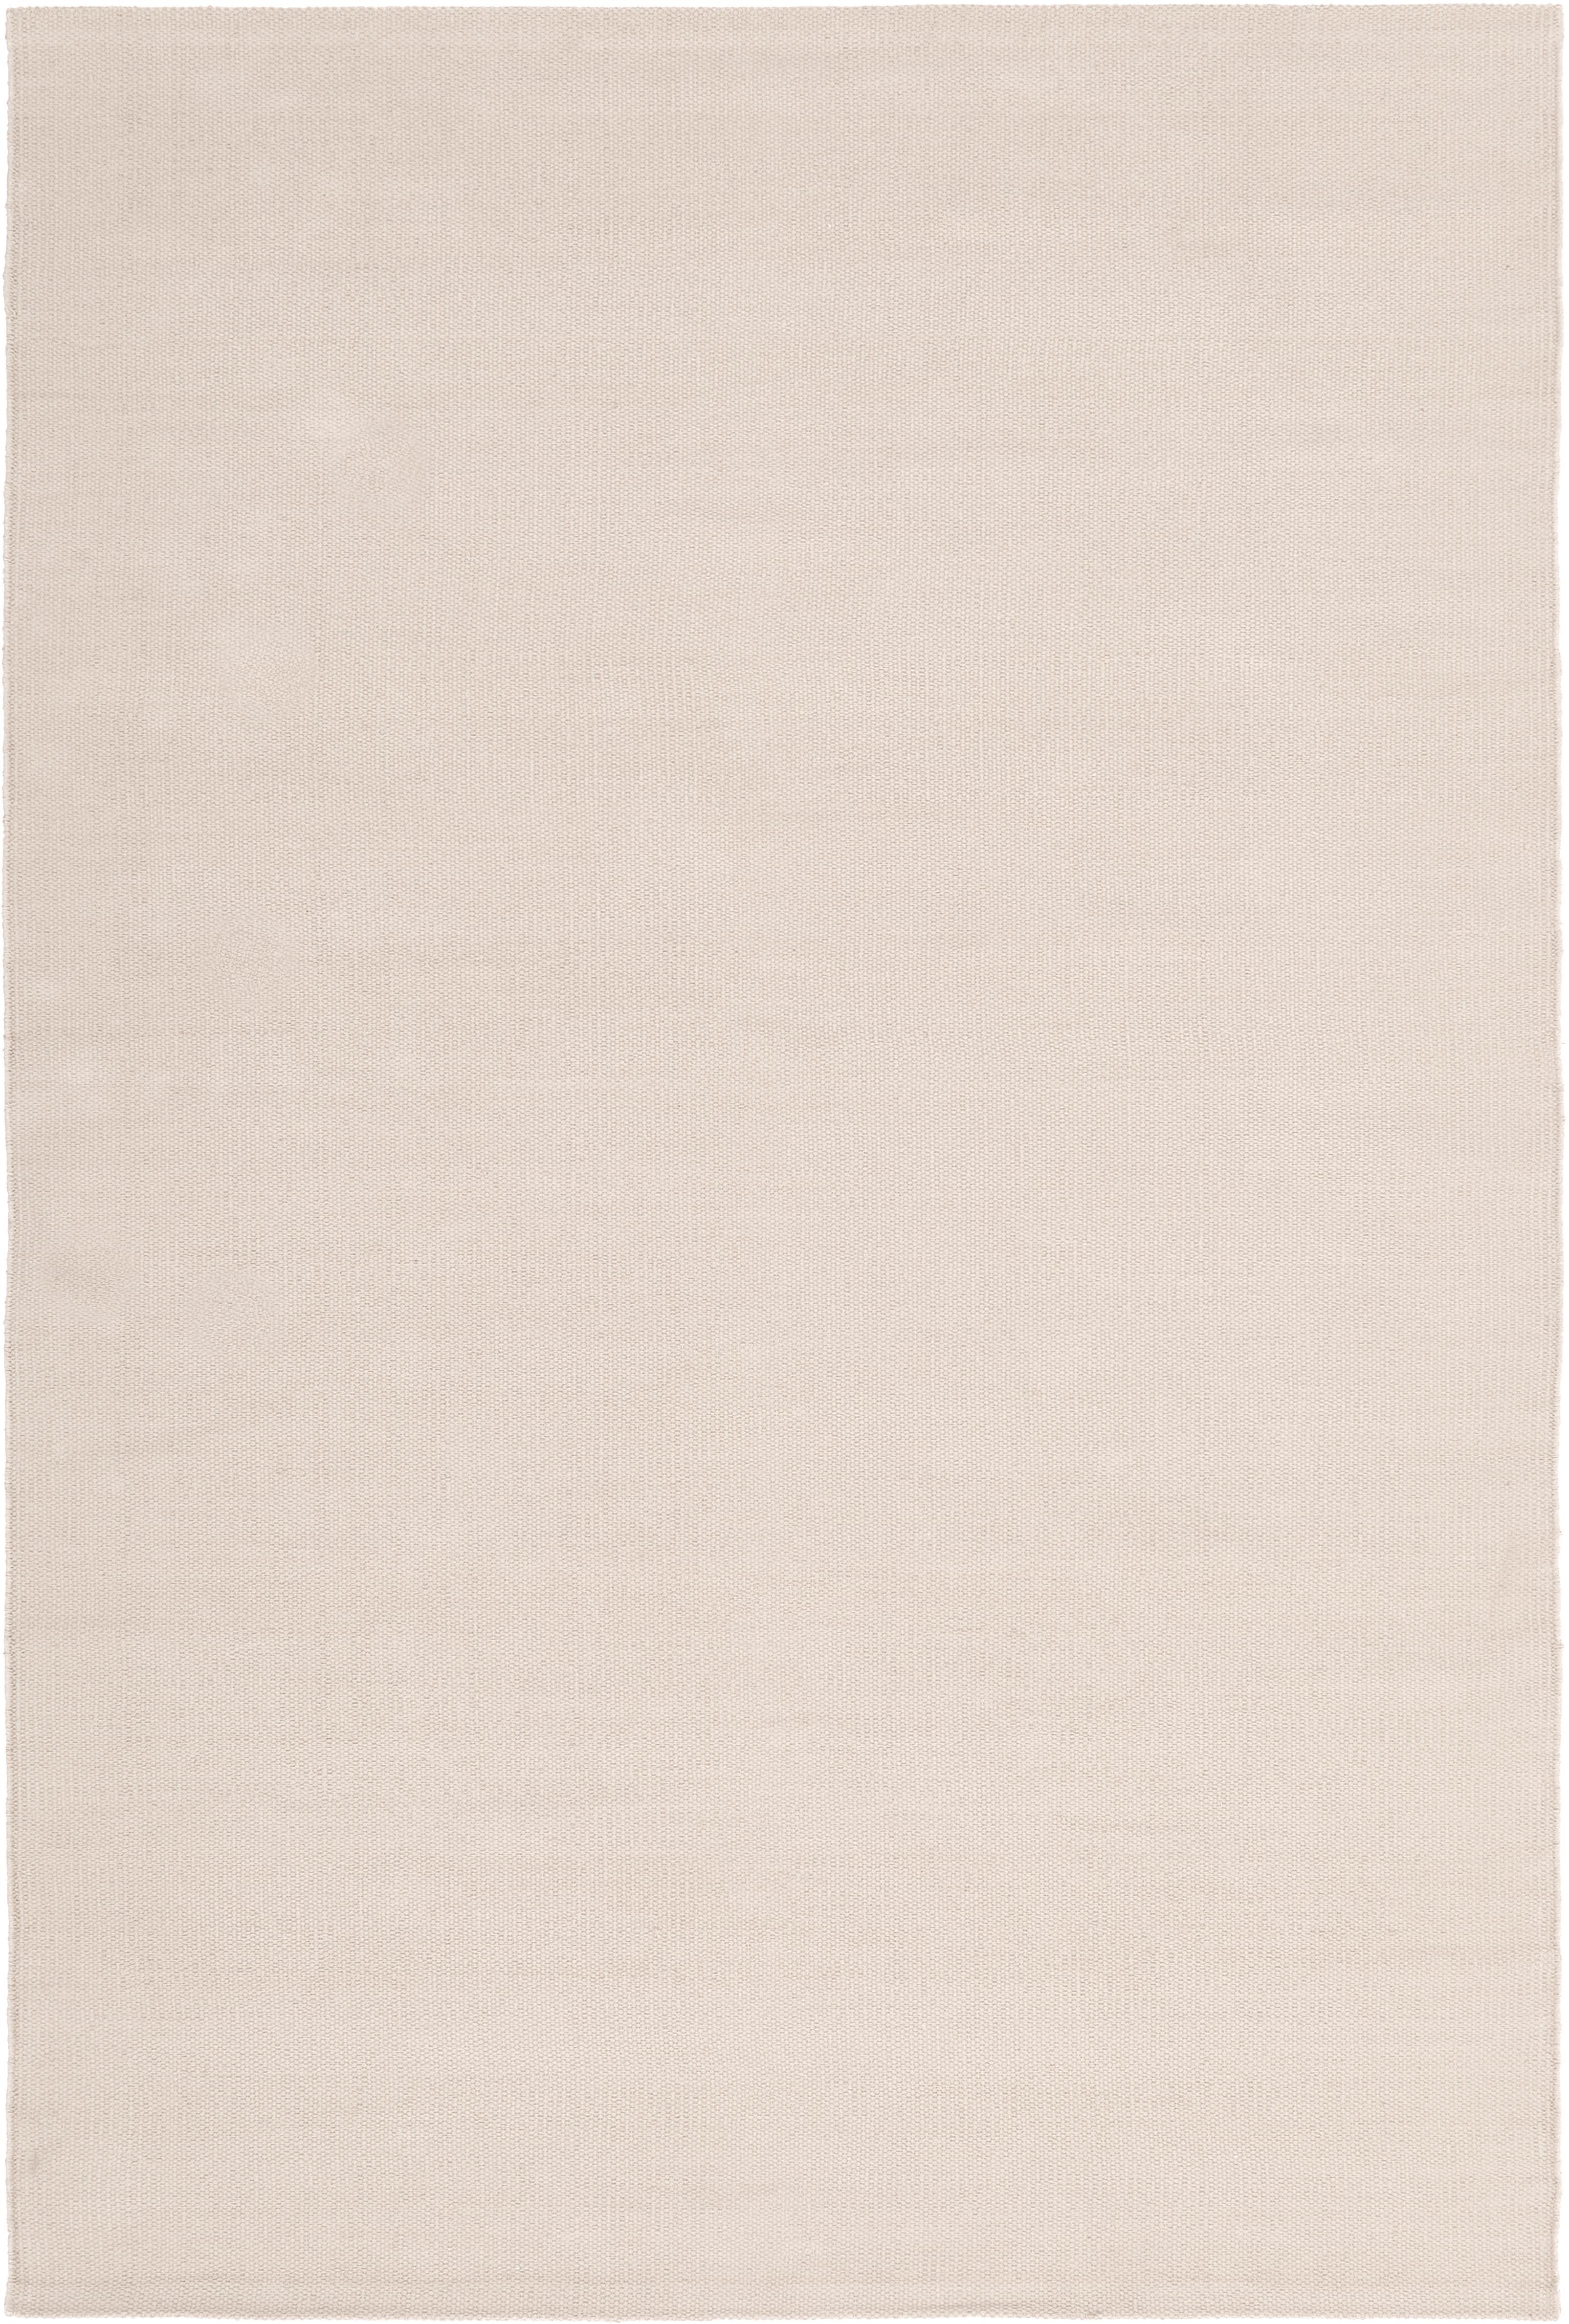 Tappeto in cotone tessuto a mano Agneta, Cotone, Taupe, Larg. 200 x Lung. 300 cm (taglia L)